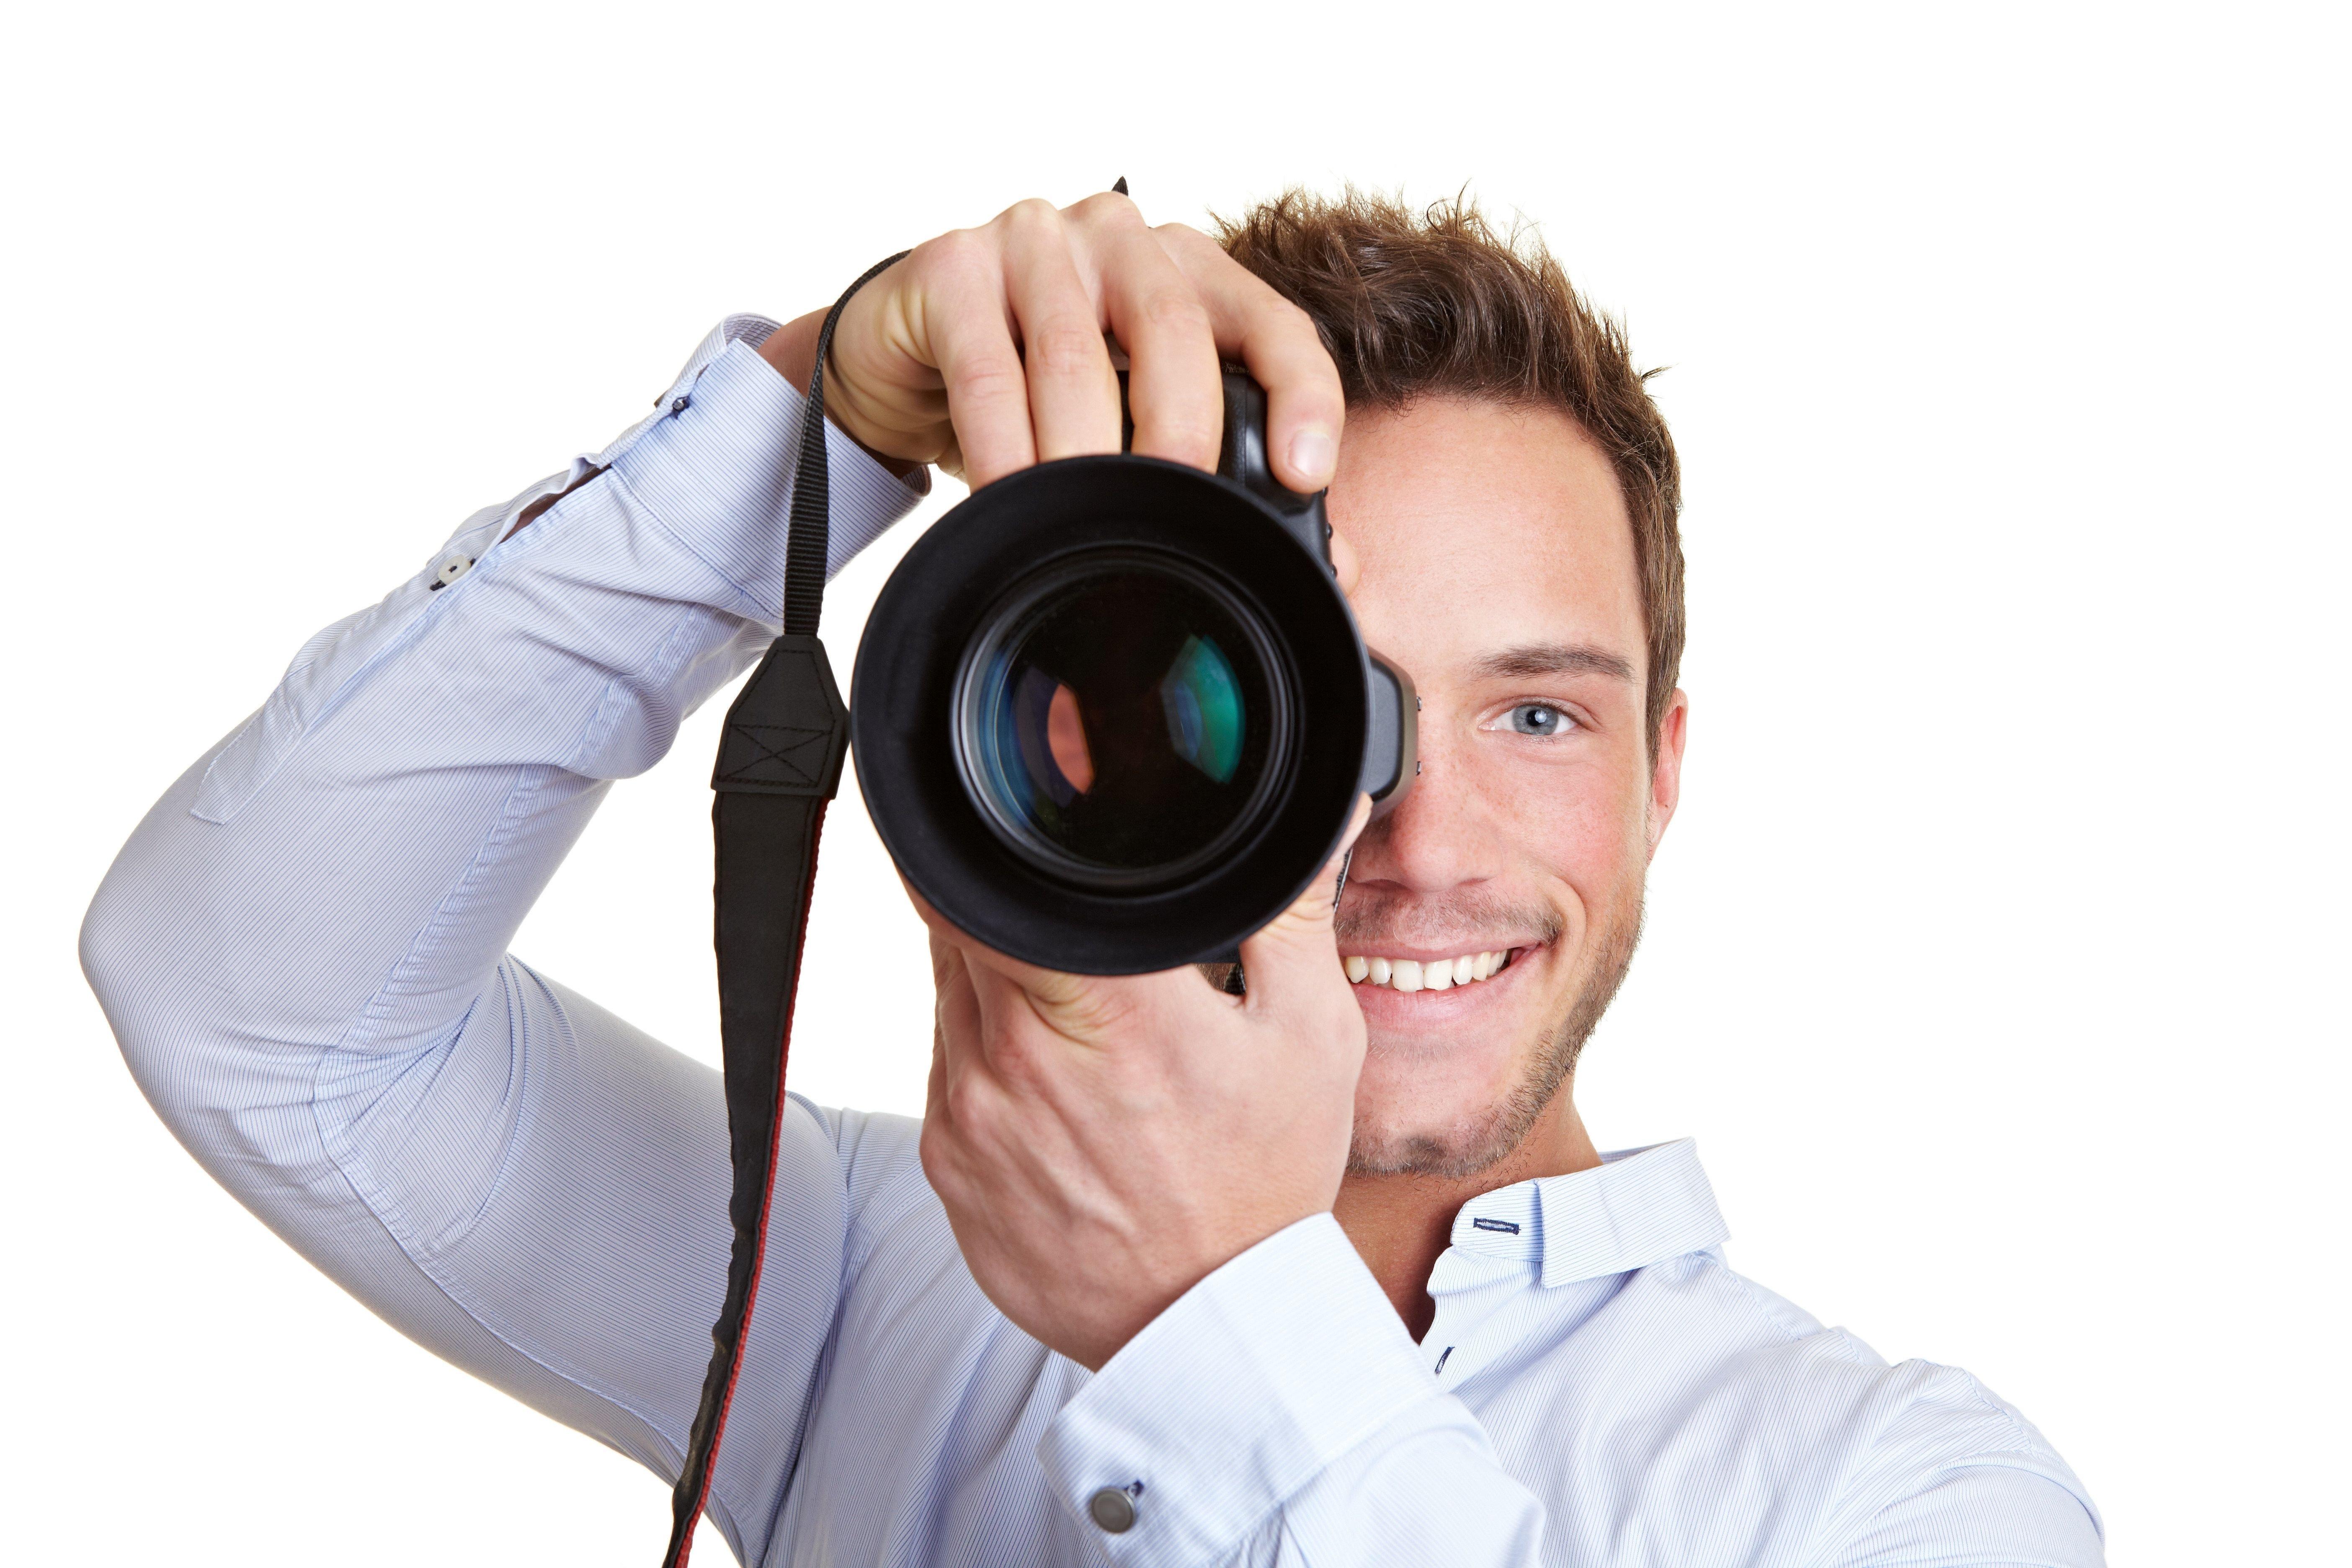 Картинка на фоне которой фотографируются